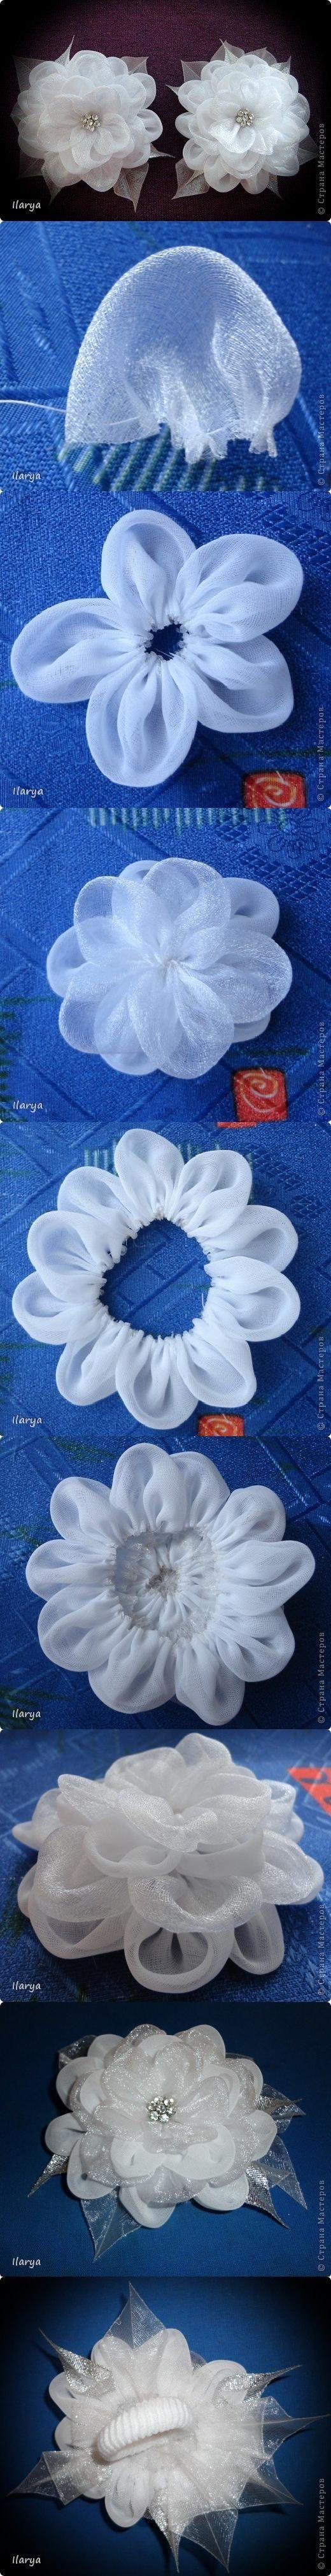 DIY Fabric Lust Flower LIKE Us on Facebook ==> https://www.facebook.com/UsefulDiy